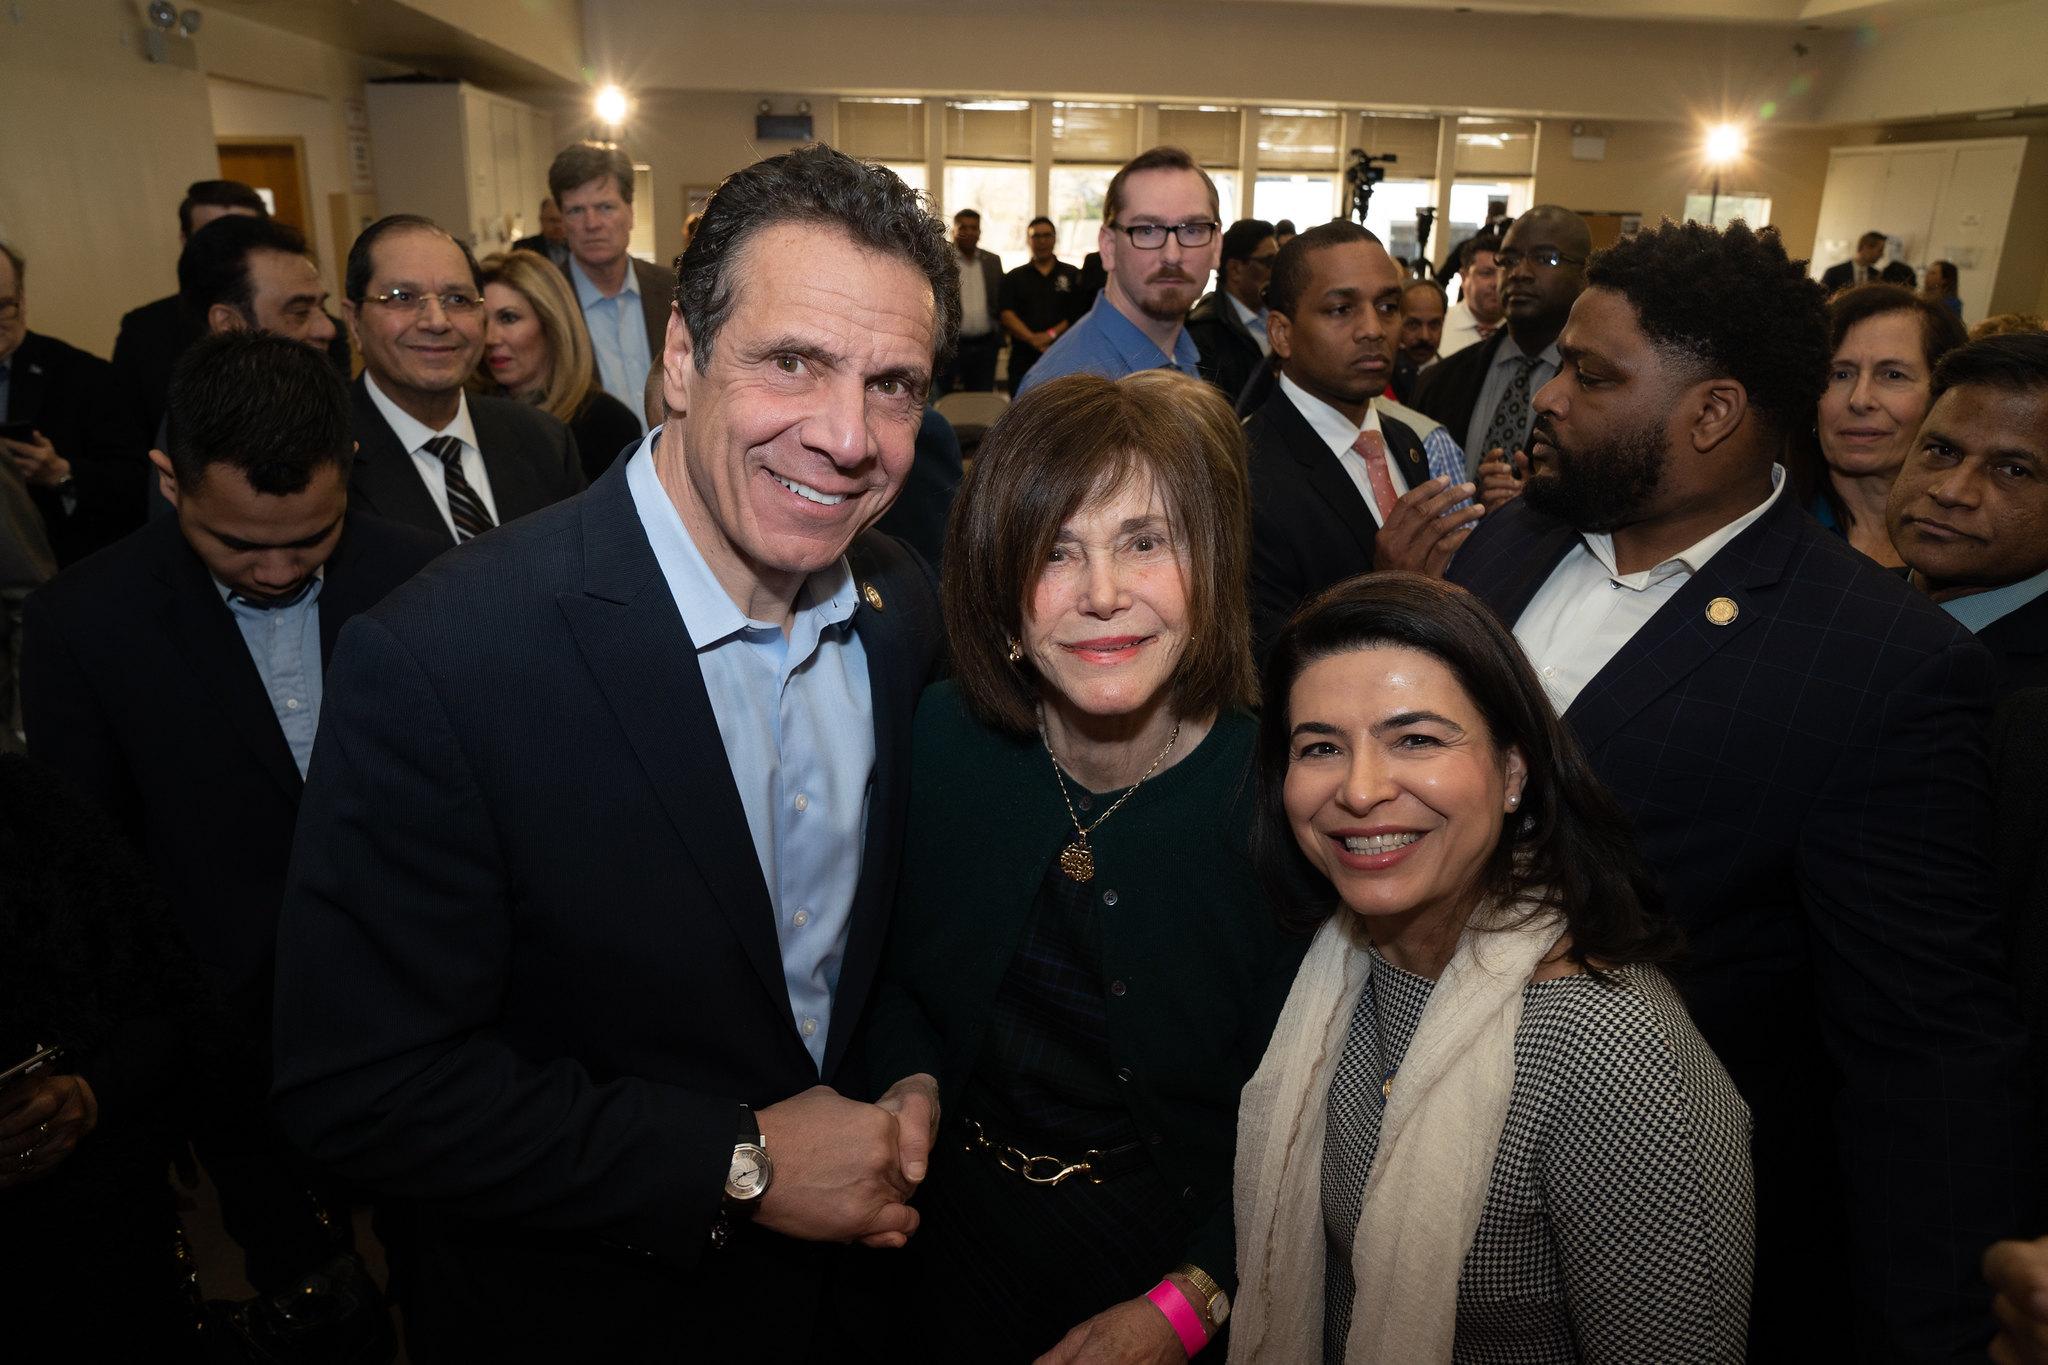 Governor Cuomo and Long Island Senators: No Tax - No Deal!